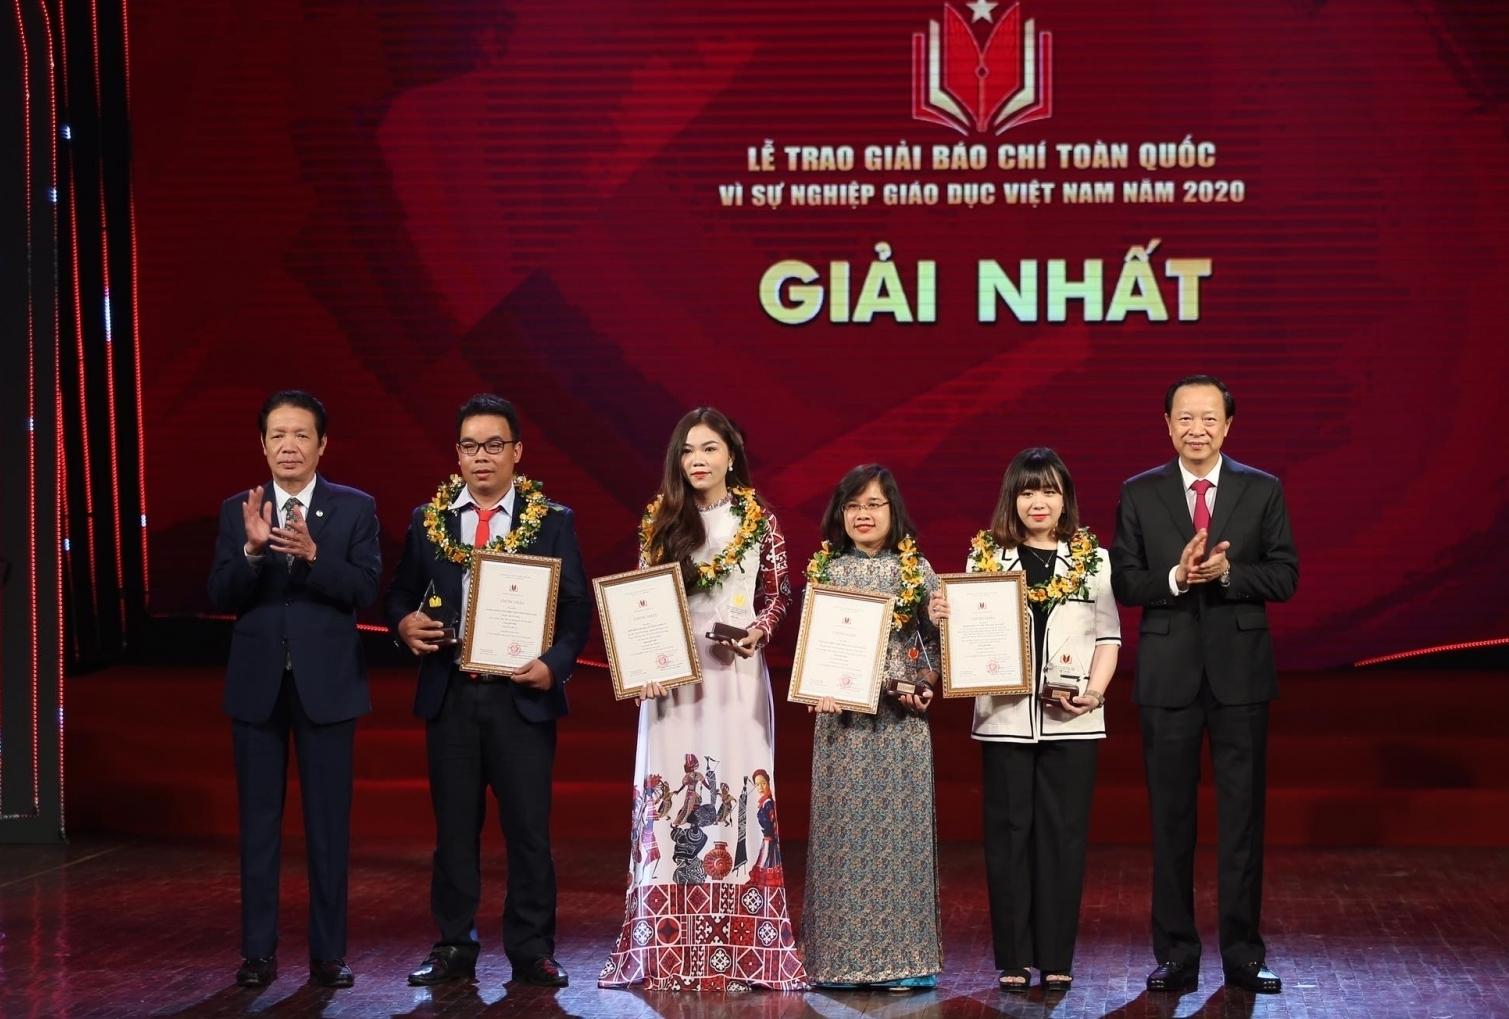 """50 tác phẩm nhận giải báo chí """"Vì sự nghiệp giáo dục Việt Nam"""" năm 2020"""